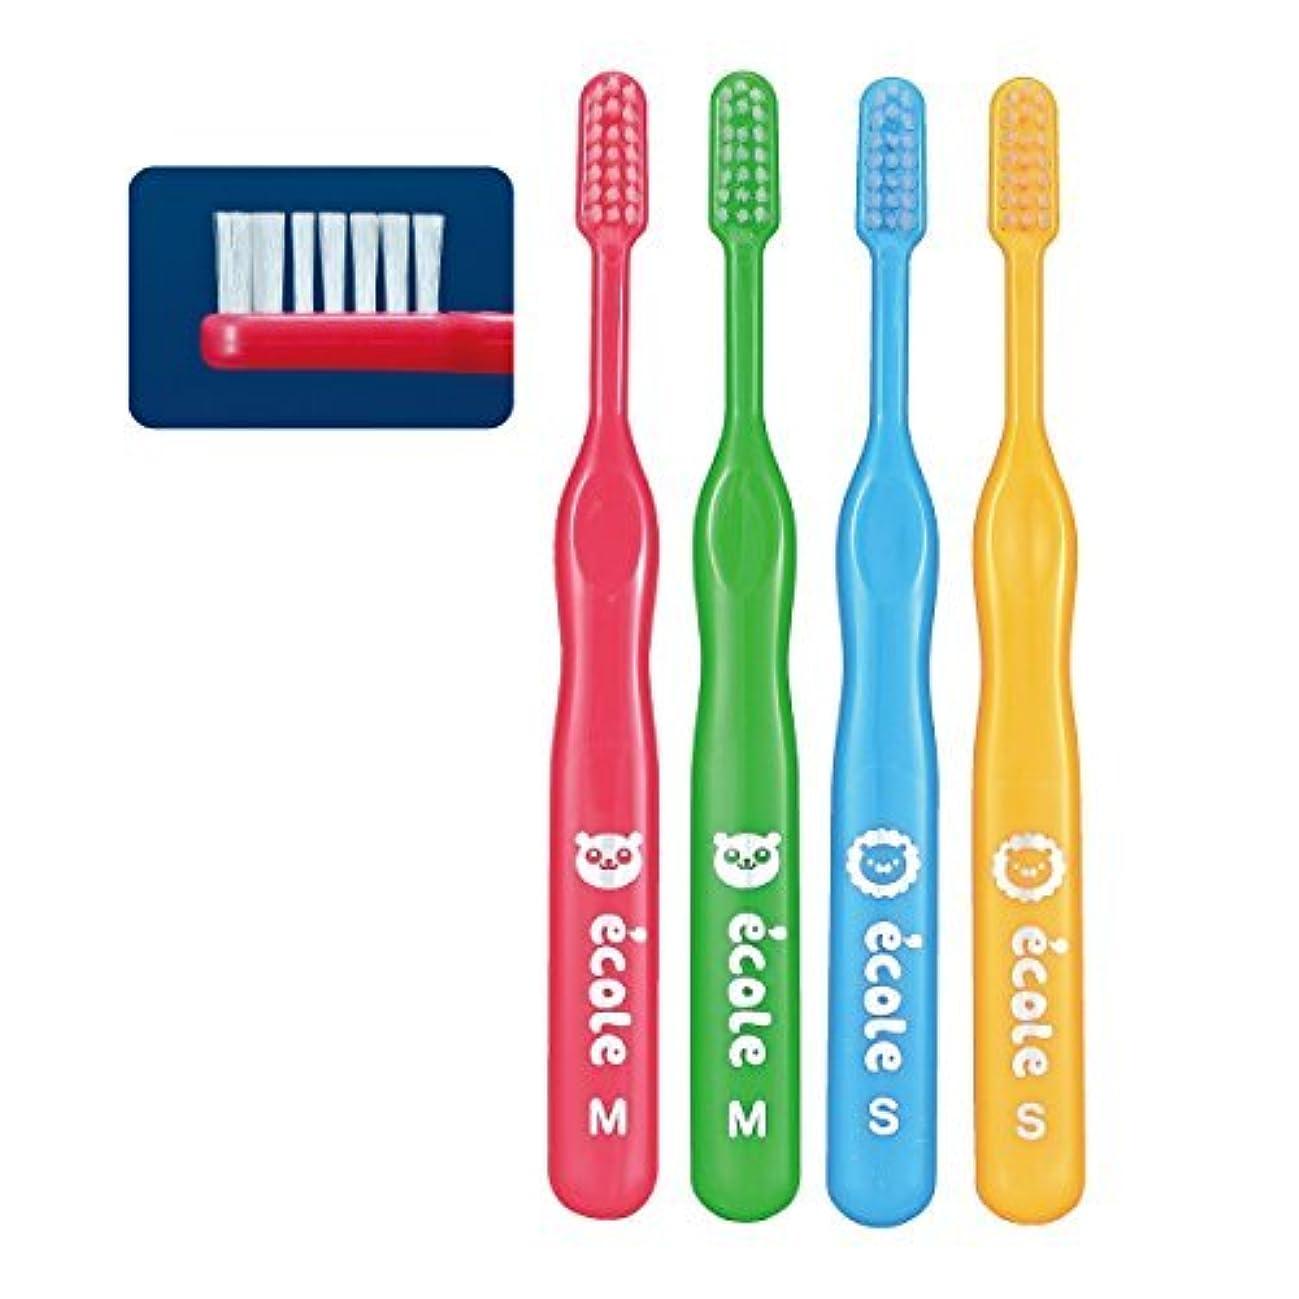 追い払うトランザクション頭痛リセラ エコル 幼児~小学生用歯ブラシ Sやわらかめ 24本入り